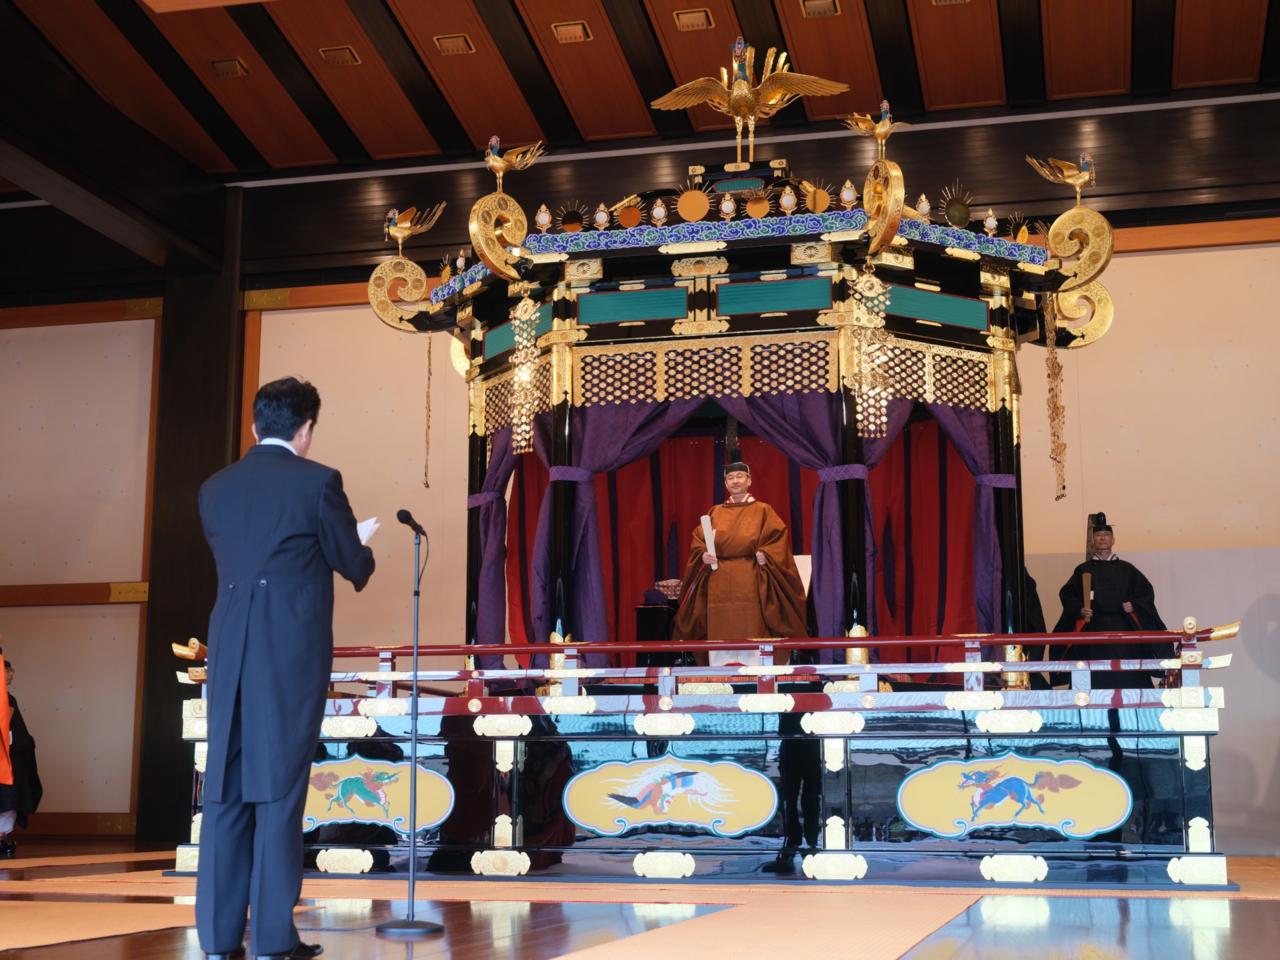 安倍自 21 日起利用各國代表出席天皇即位典禮之機會,分別與各國代表舉行短暫的會晤交流(圖/首相官邸/CC BY 4.0)